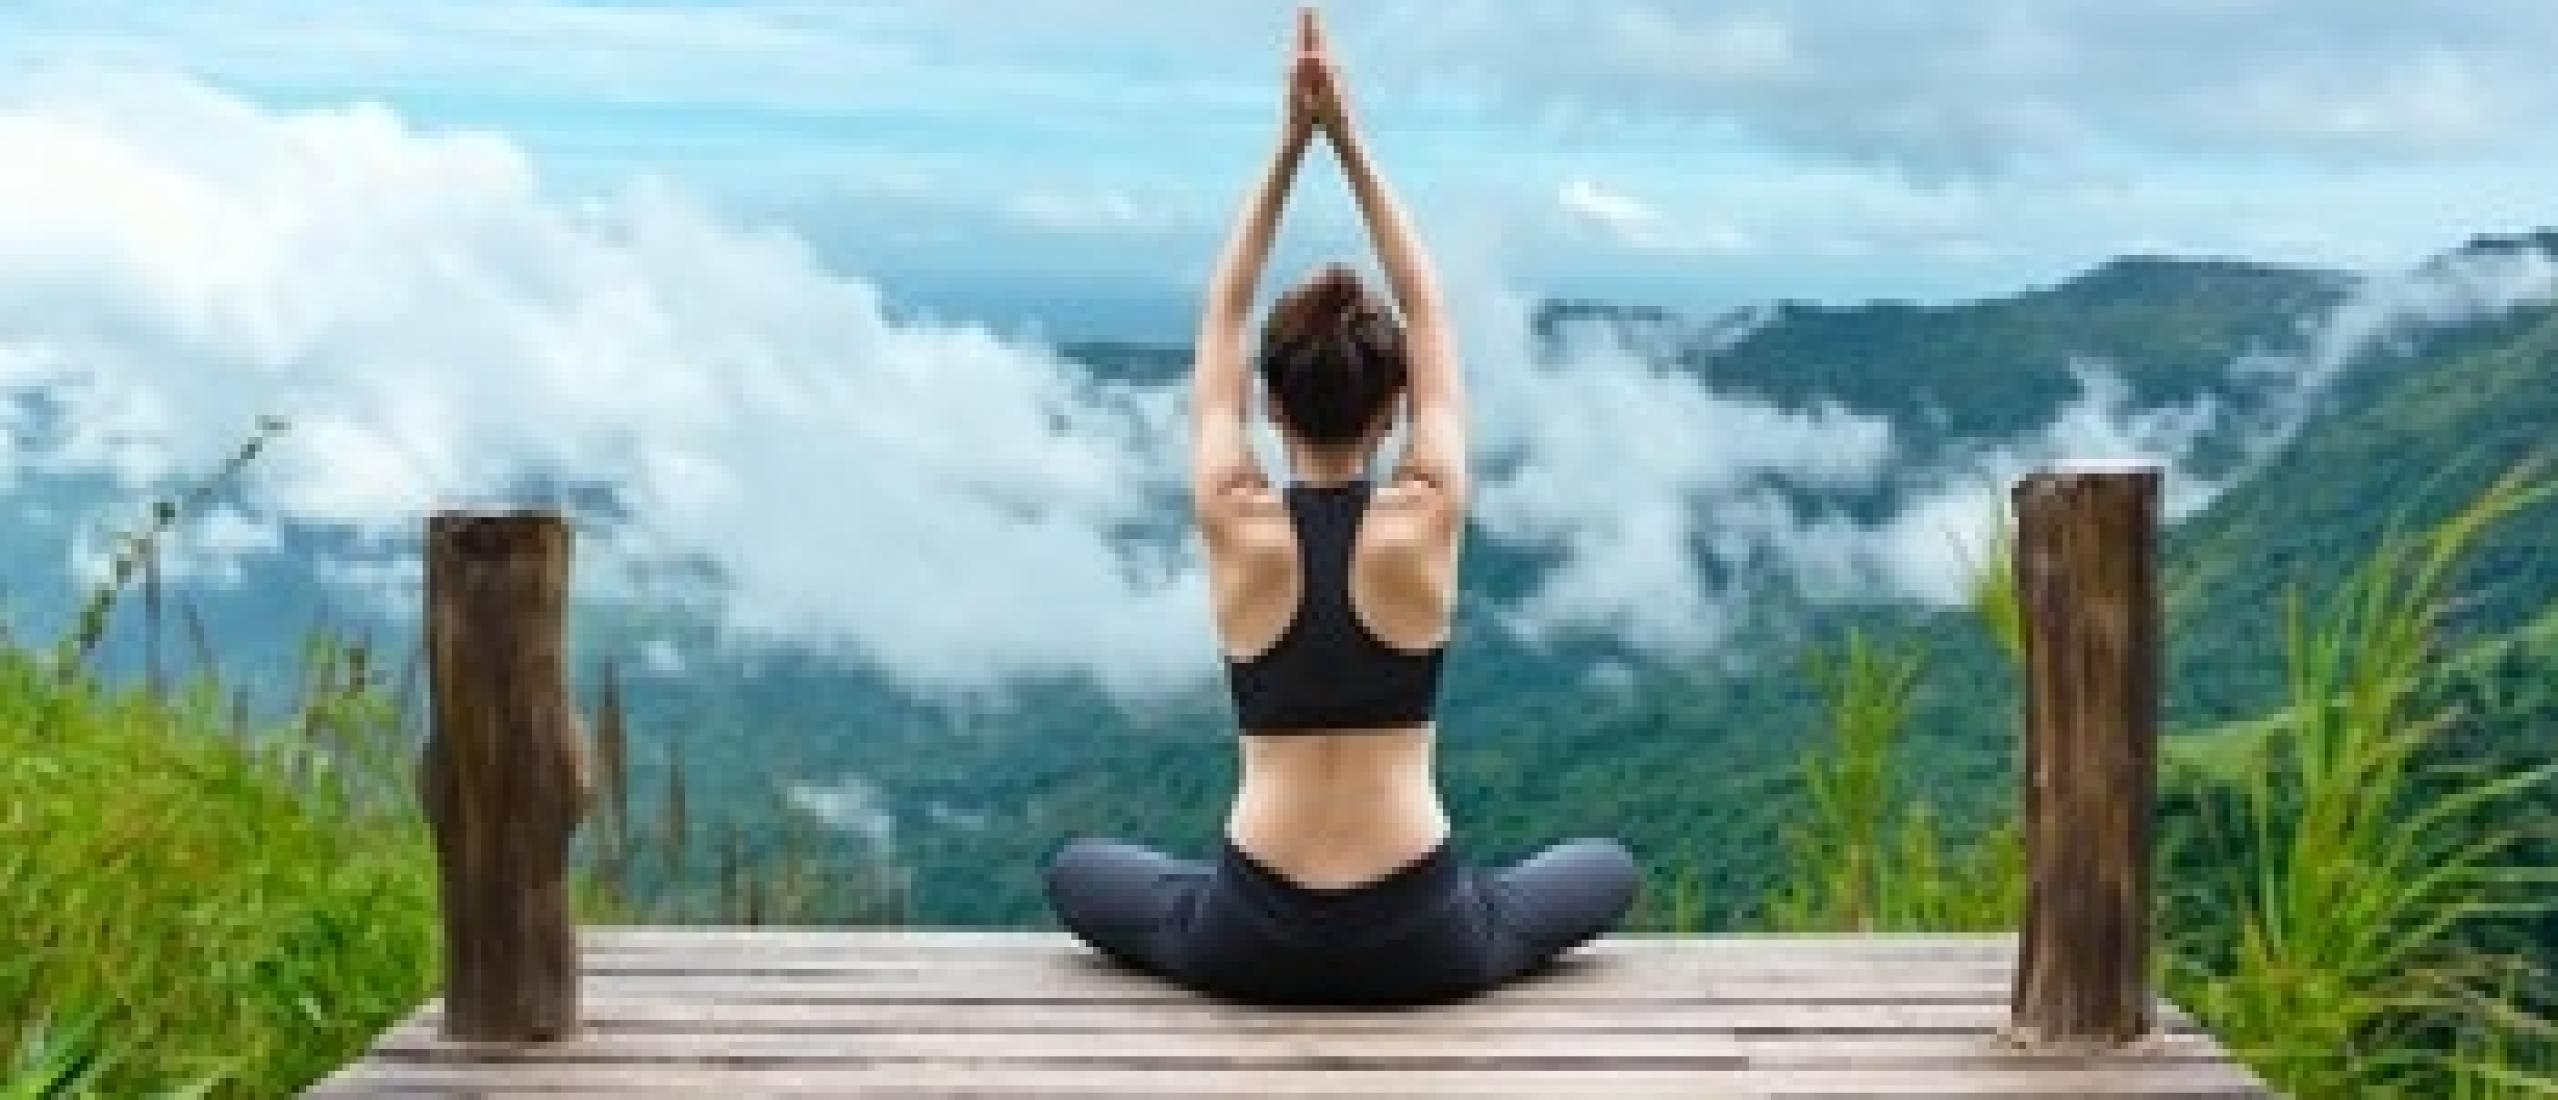 7 goede redenen om met yoga te gaan starten